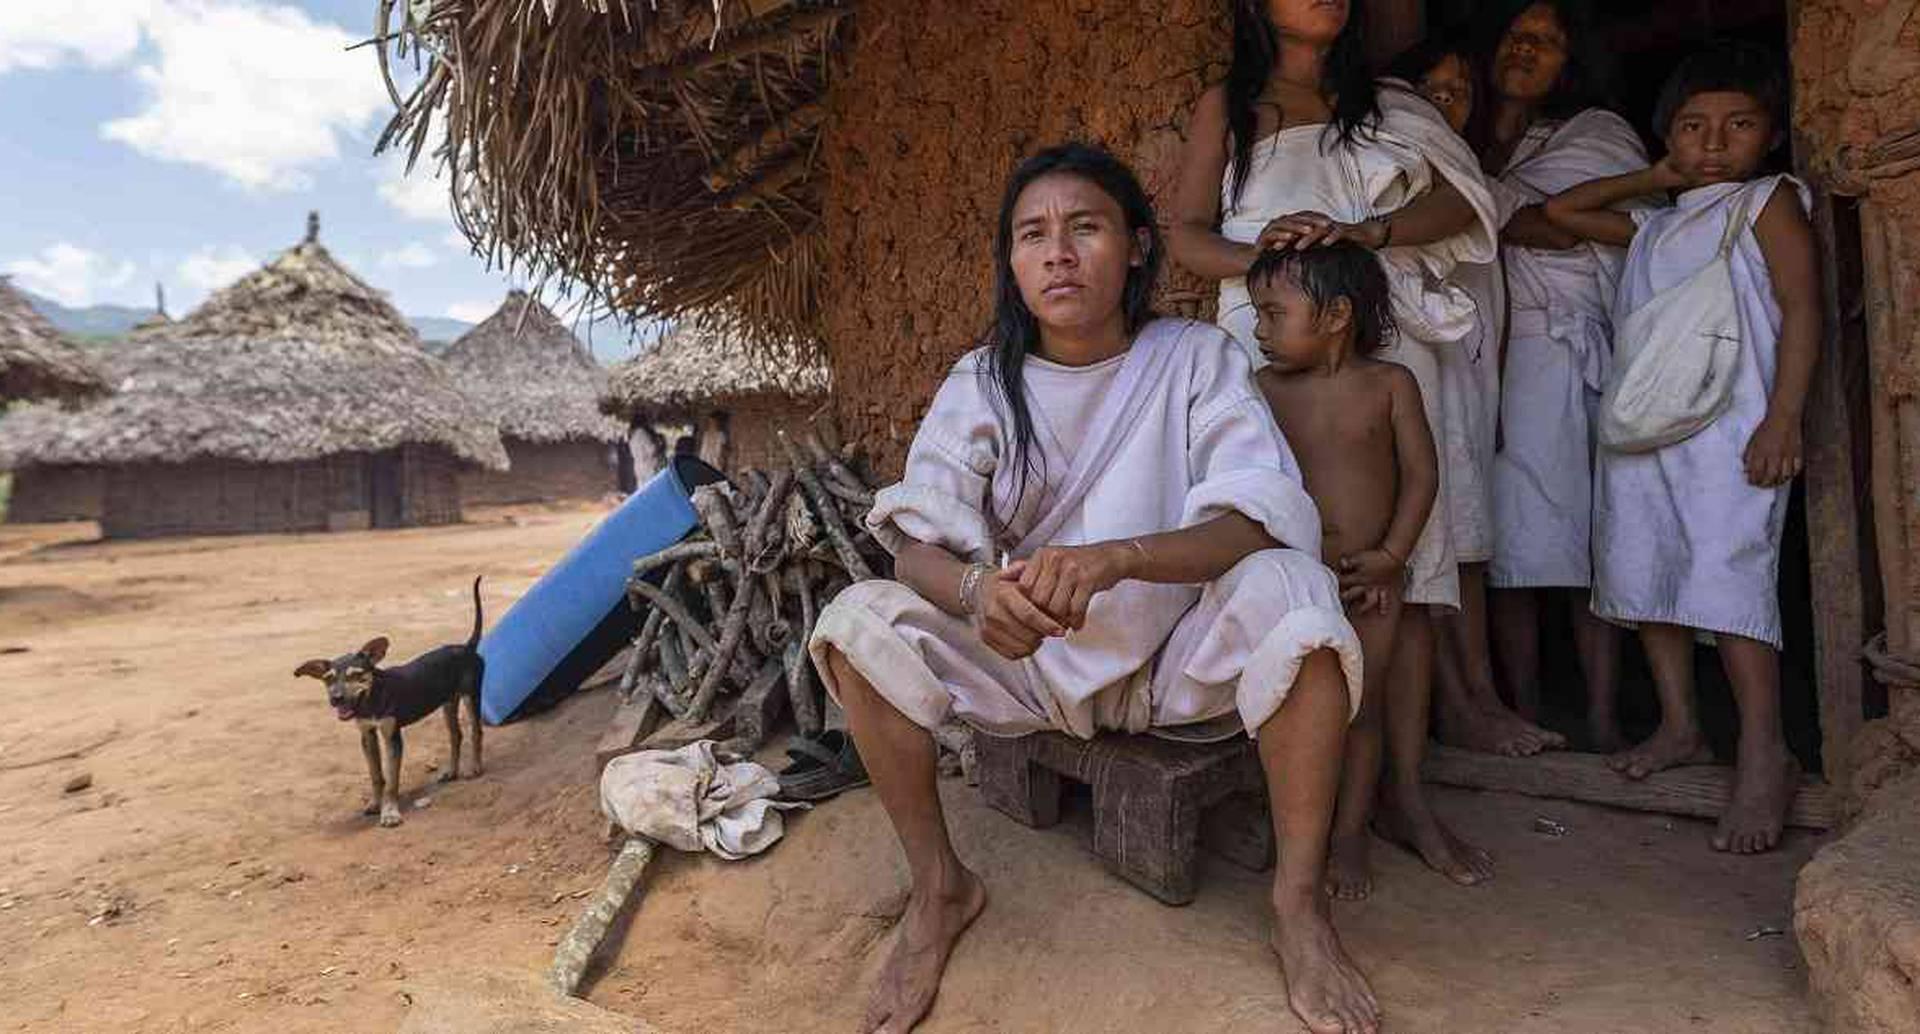 Onic confirma que 3.030 indígenas en el país tienen coronavirus | Colombia hoy